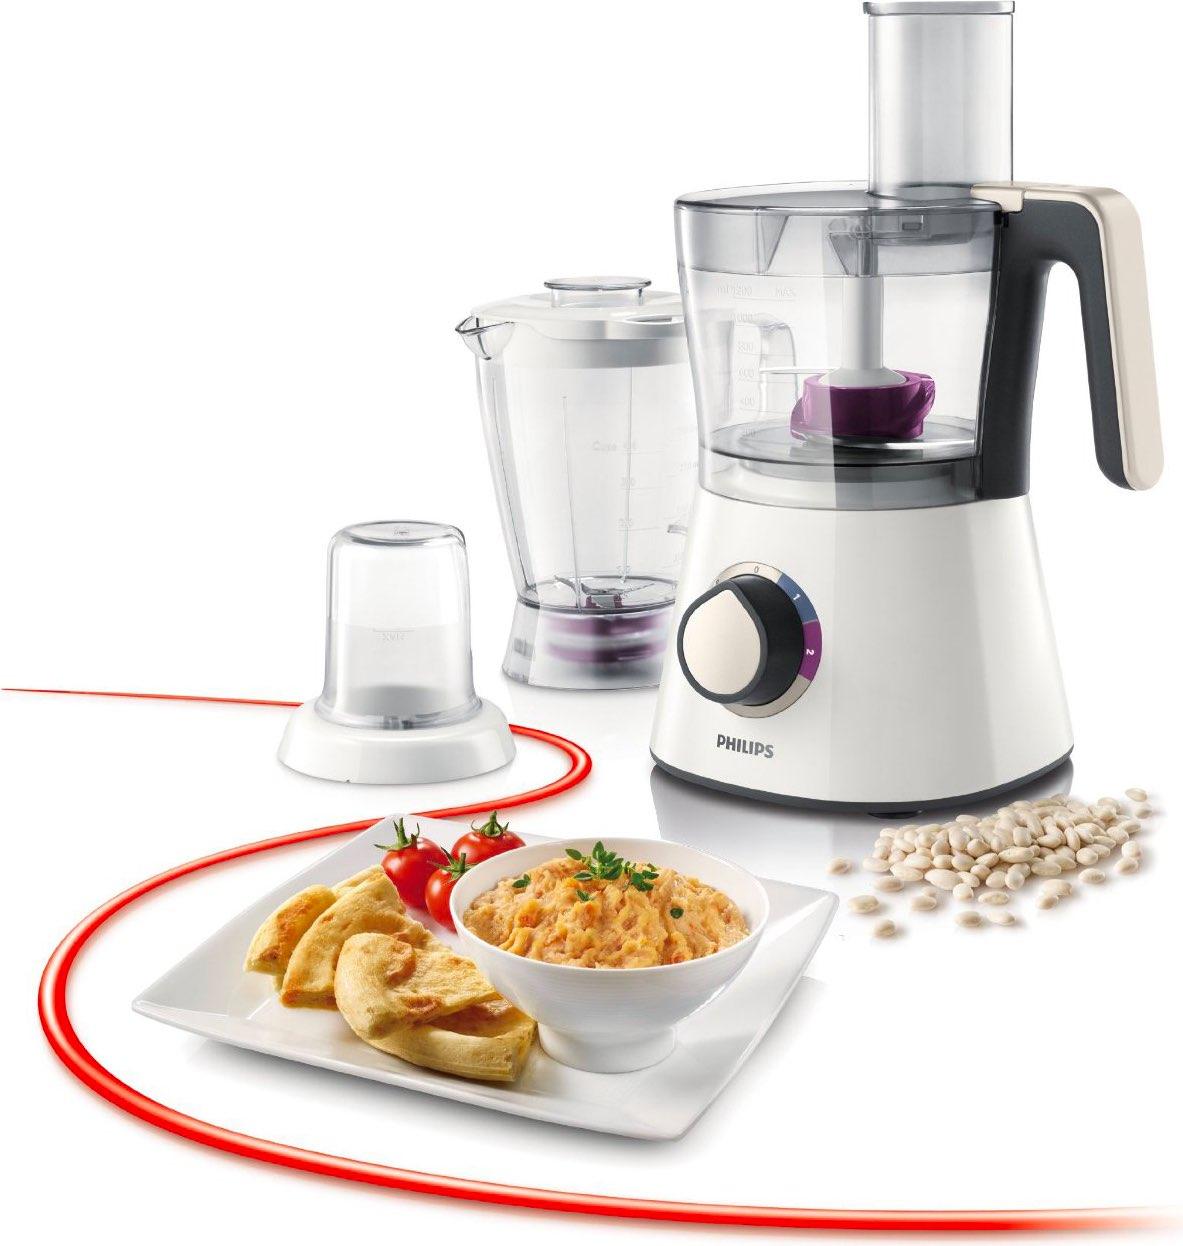 Philips robot da cucina capacit 2 litri 2 velocit tasto pulse potenza 750 watt colore bianco - Robot da cucina philips essence ...